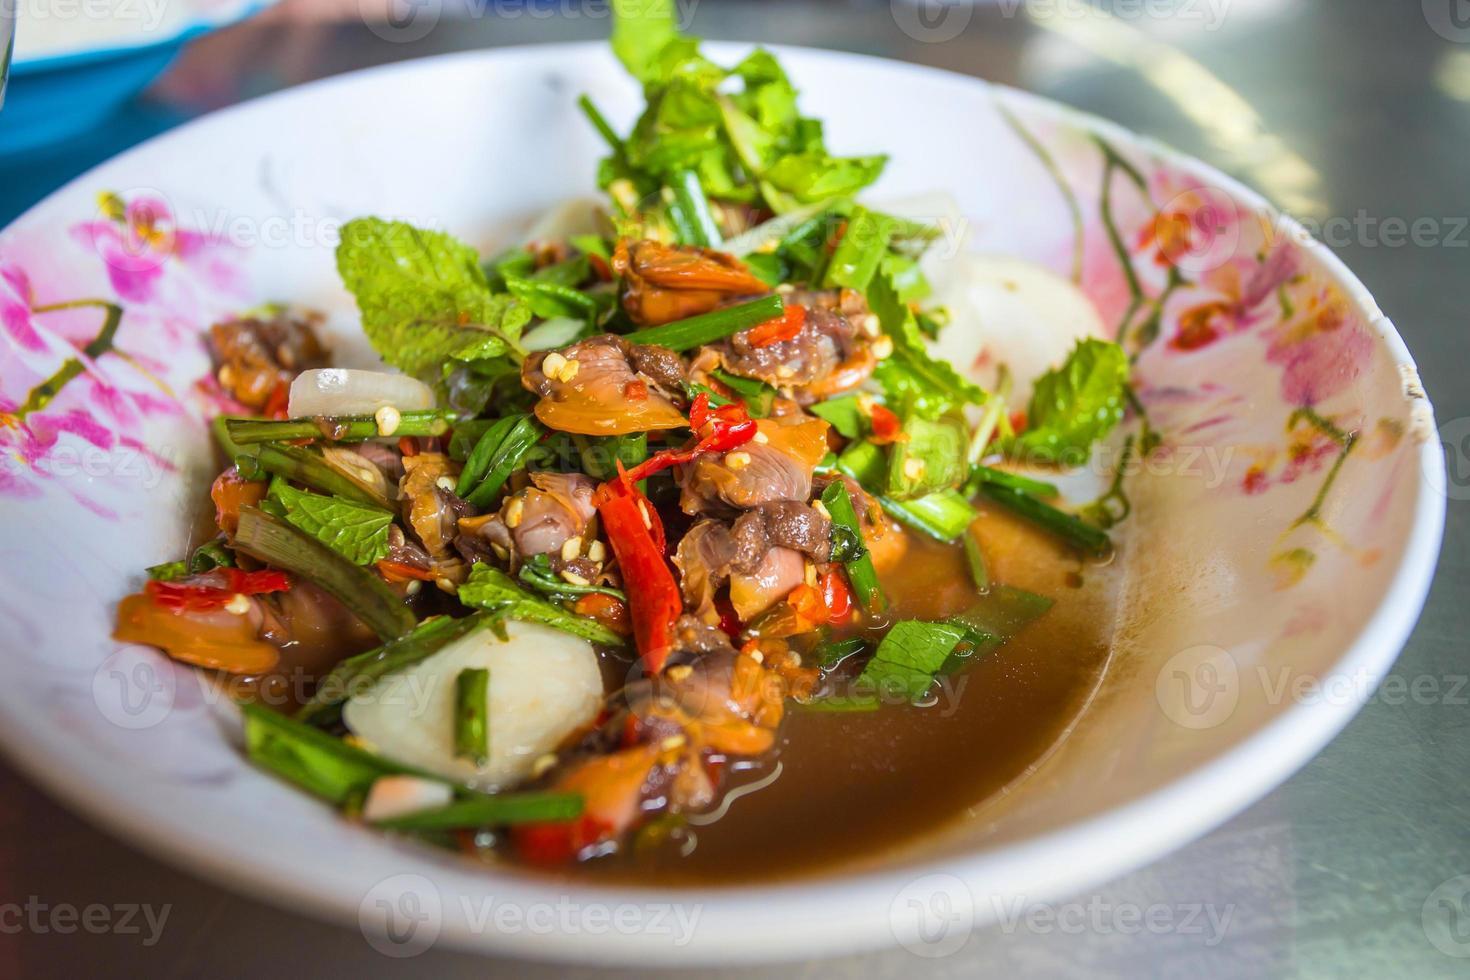 salade de coques épicée avec des légumes frais sur le plat photo